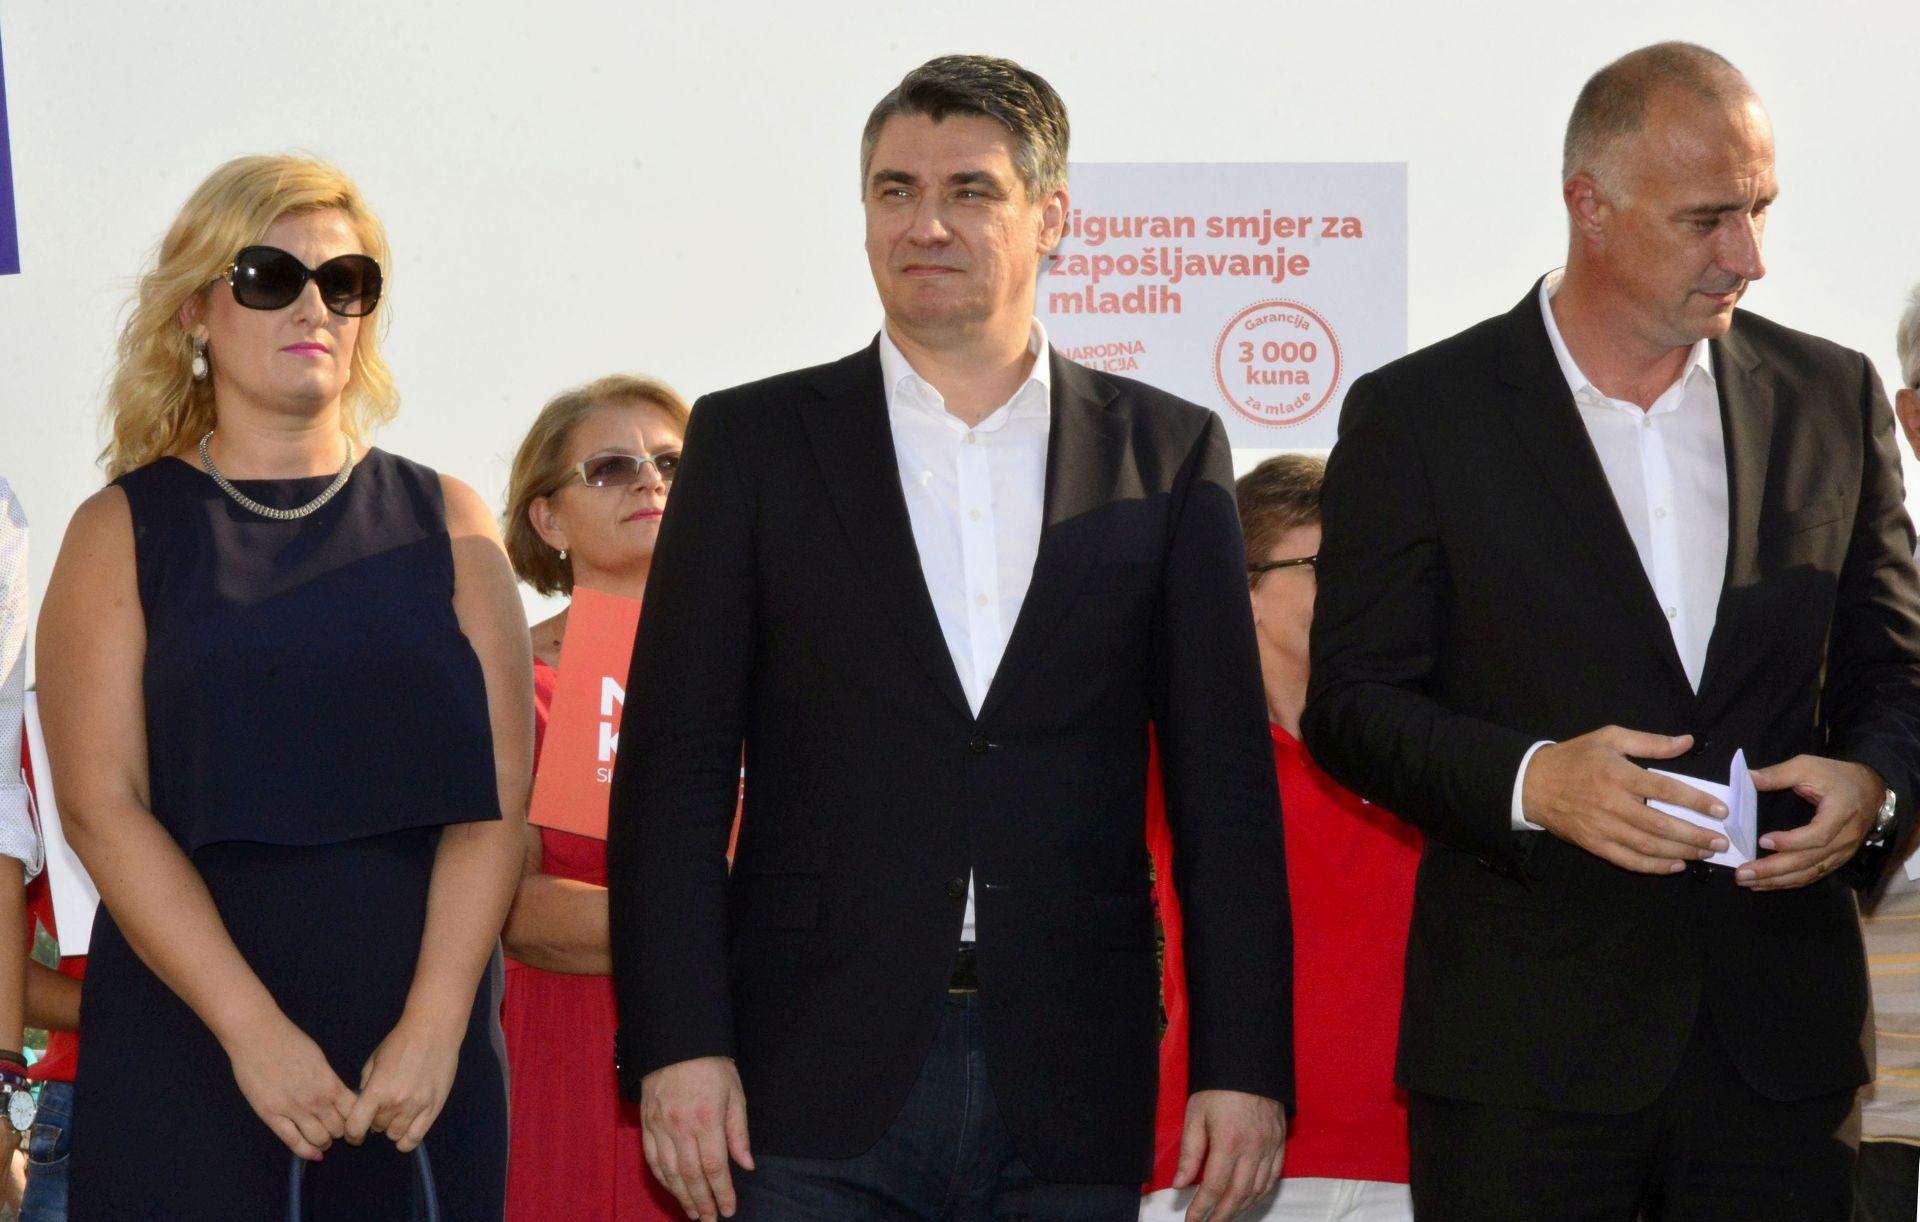 REZULTATI ANKETE POKAZALI: Narodna koalicija u vodstvu, SDP-u 8 mandata, HDZ-u 4